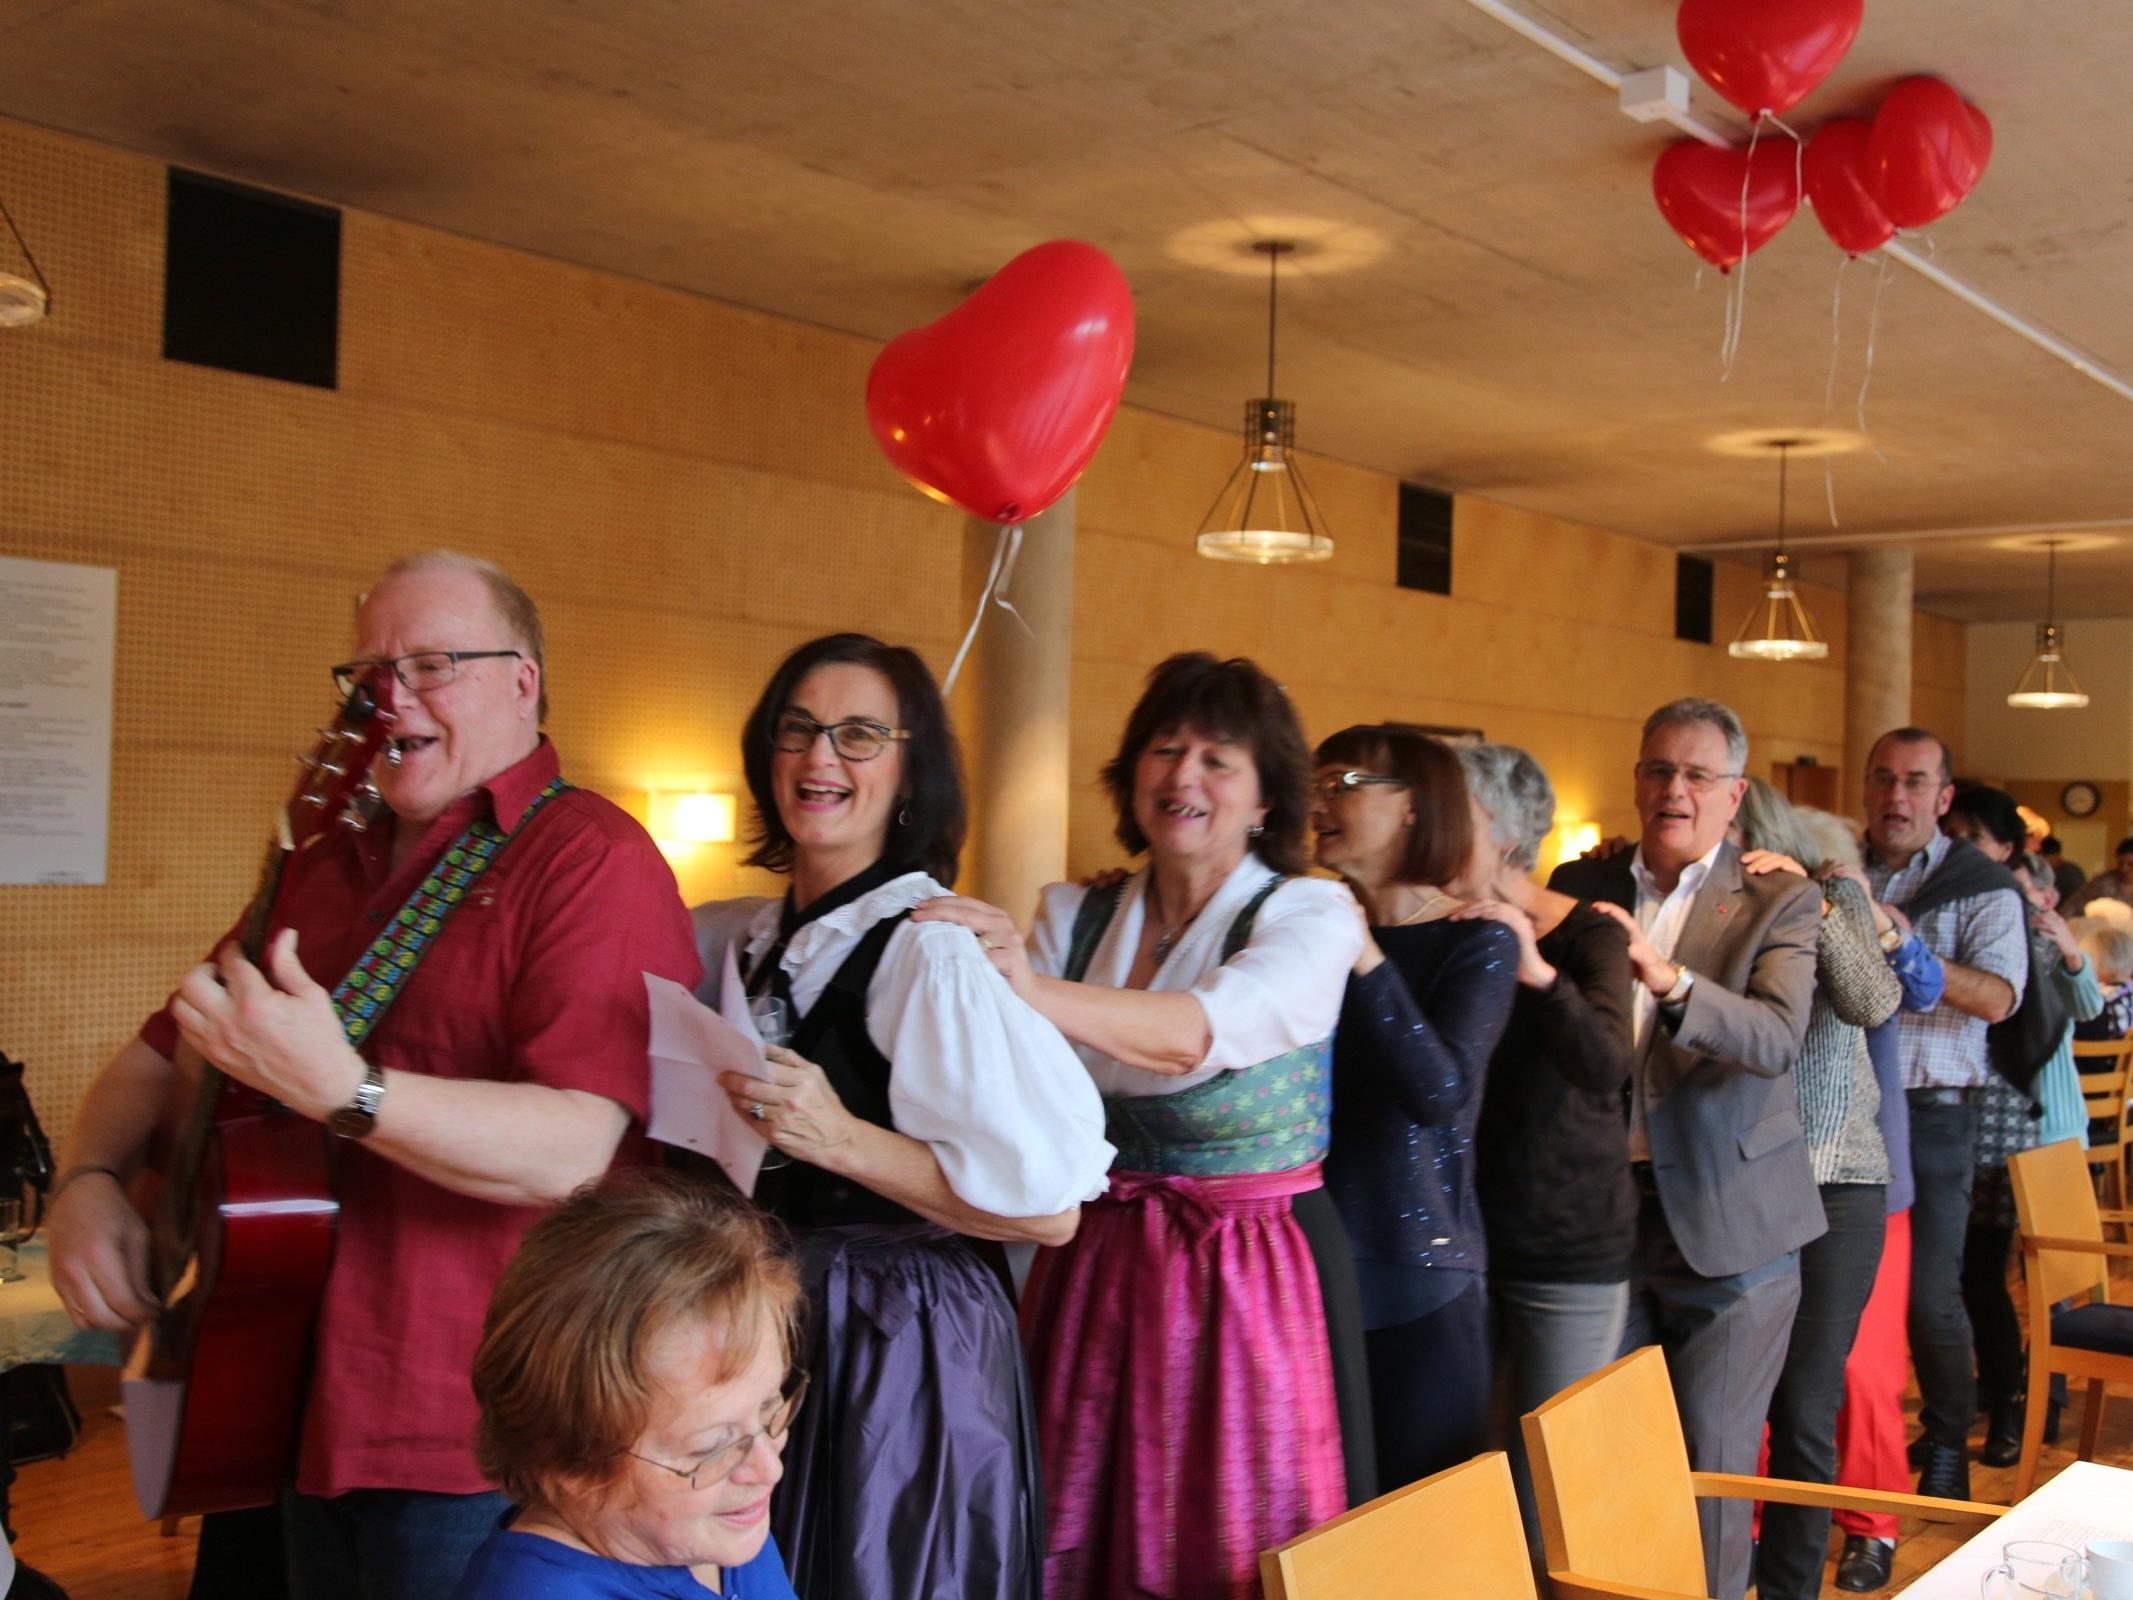 """Das Angebot """"Zemmasi in Feldkirch"""" hat seit der Gründung im Jahre 2014 weit über 2000 SeniorInnen beim gemeinsamen Singen unbeschwerte Stunden beschert."""